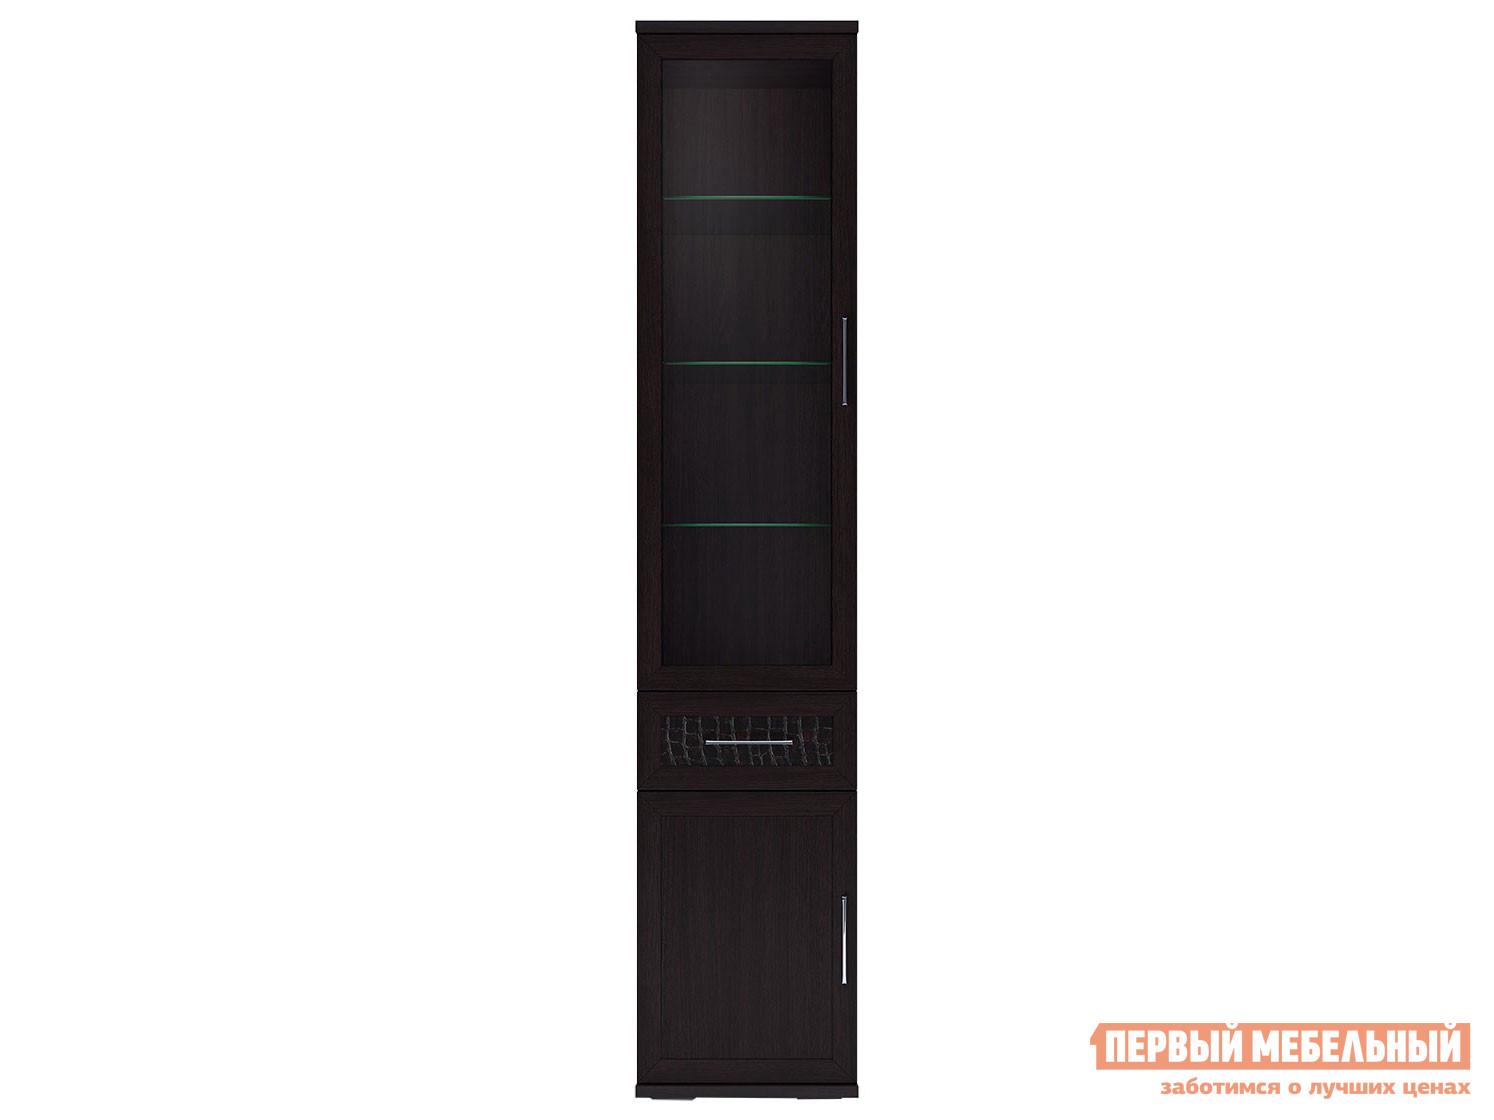 Узкий шкаф-витрина с ящиком Первый Мебельный Шкаф 450 со стеклом Парма Люкс